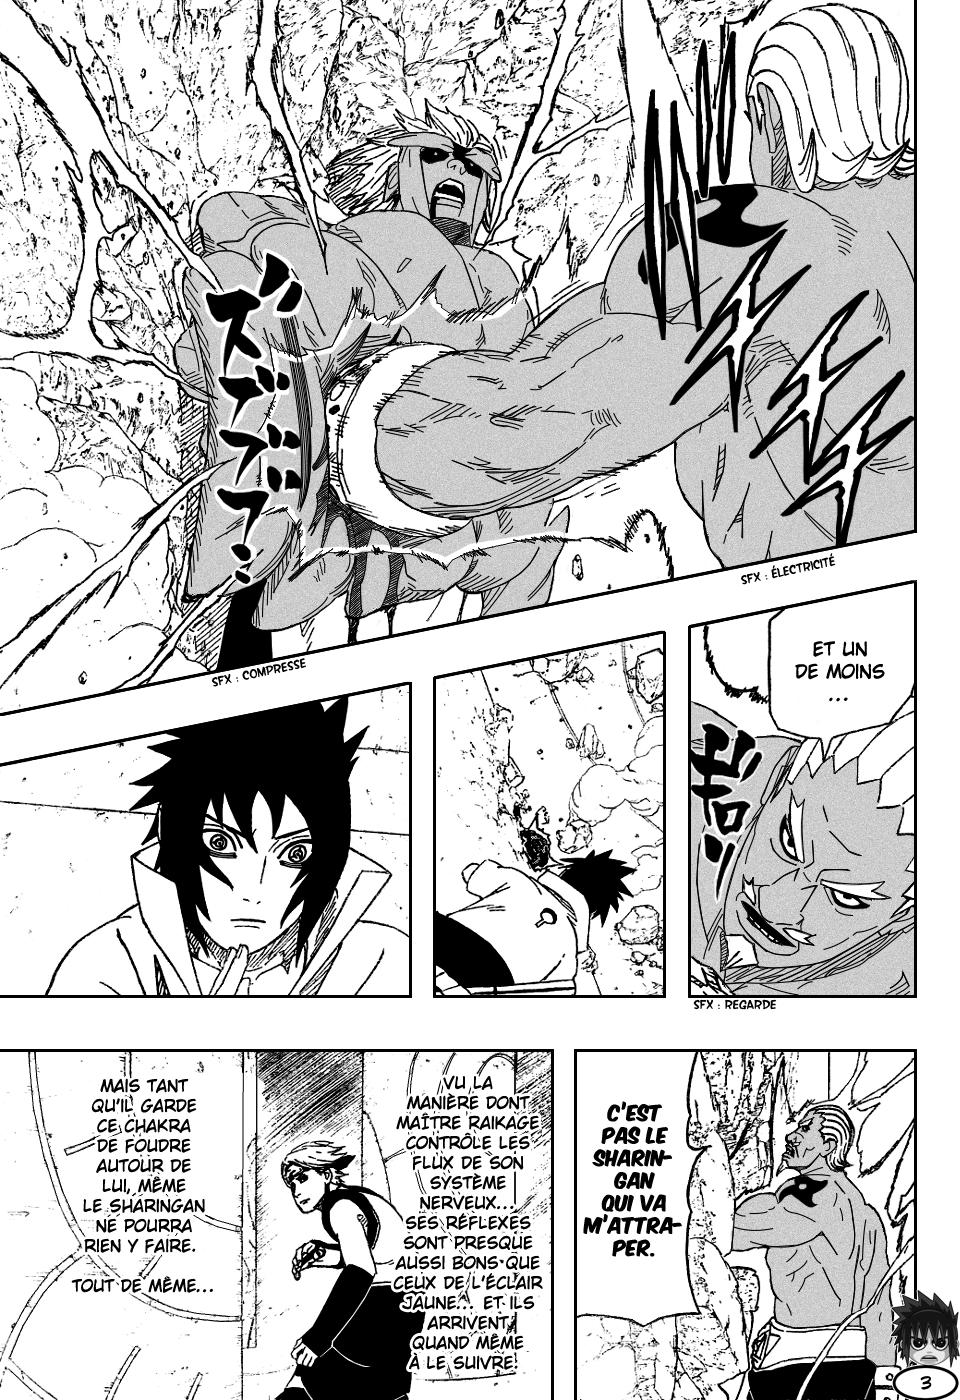 Naruto chapitre 462 - Page 3